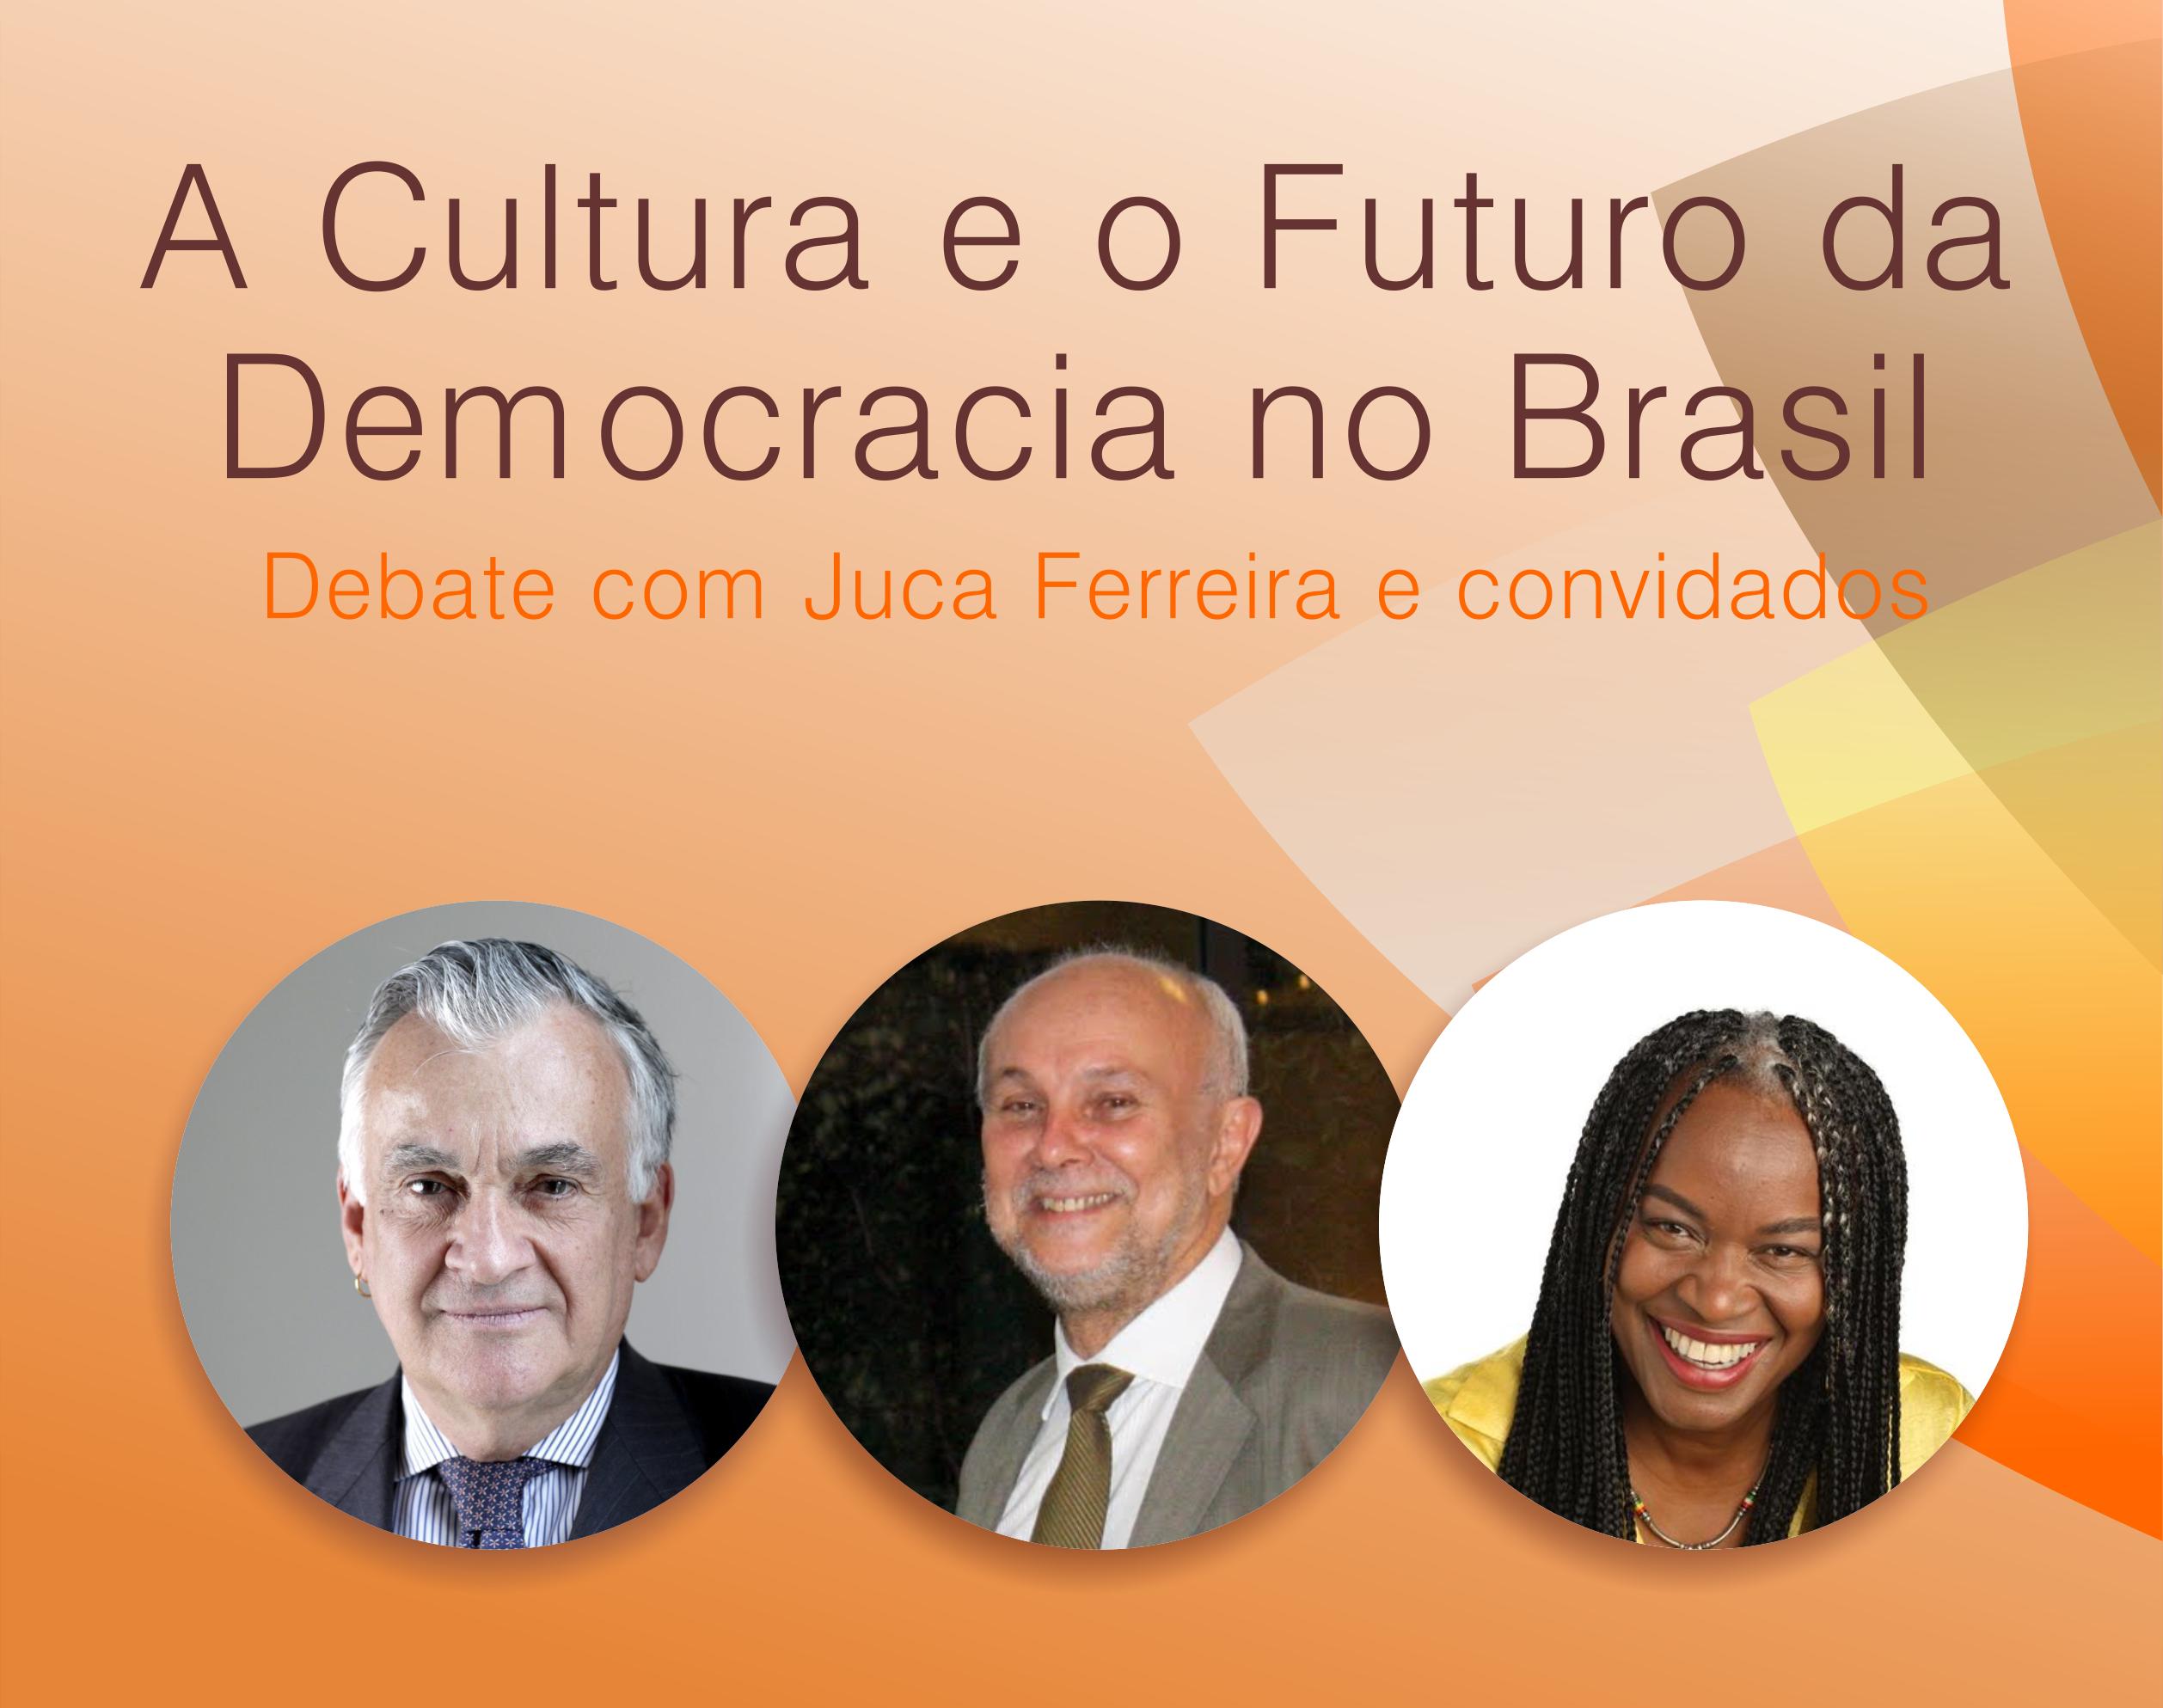 IHAC E PÓS-CULTURA PROMOVEM DEBATE COM JUCA FERREIRA